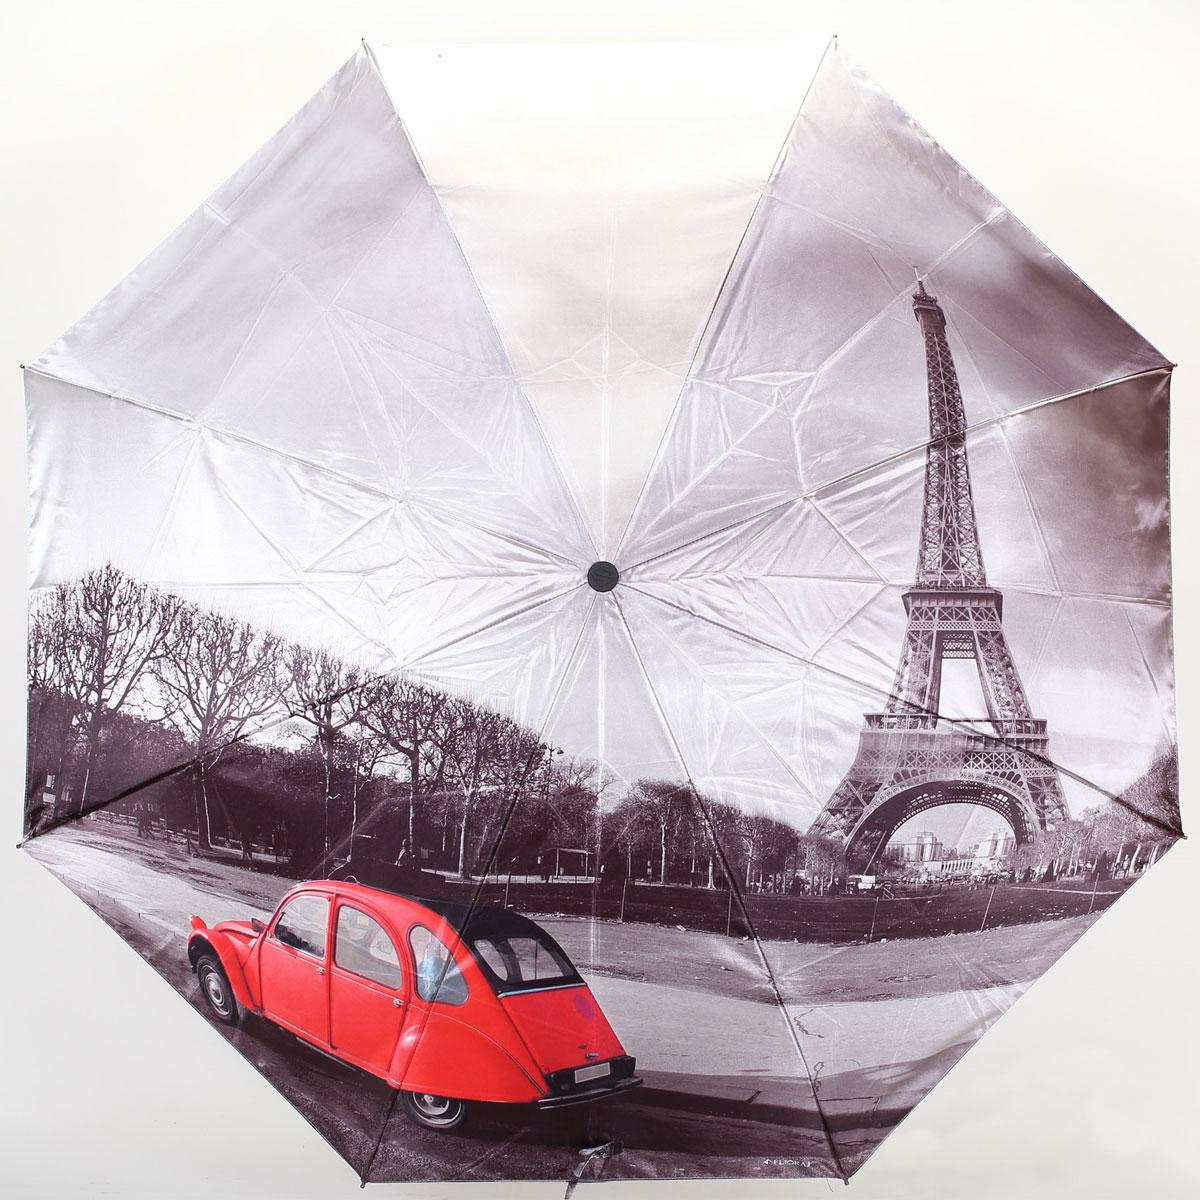 Зонт женский Flioraj Париж, автомат, 3 сложения. 013-047FJ013-047FJСтильный автоматический зонт Flioraj Париж в 3 сложения даже в ненастную погоду позволит вам оставаться стильной и элегантной. Каркас зонта из анодированной стали состоит из восьми карбоновых спиц, оснащен удобной прорезиненной рукояткой. Зонт имеет полный автоматический механизм сложения: купол открывается и закрывается нажатием кнопки на рукоятке, стержень складывается вручную до характерного щелчка, благодаря чему открыть и закрыть зонт можно одной рукой, что чрезвычайно удобно при входе в транспорт или помещение. Купол зонта выполнен из прочного сатина серого цвета и оформлен изображением красной машины на фоне Эйфелевой башни. На рукоятке для удобства есть небольшой шнурок-резинка, позволяющий надеть зонт на руку тогда, когда это будет необходимо. К зонту прилагается чехол.